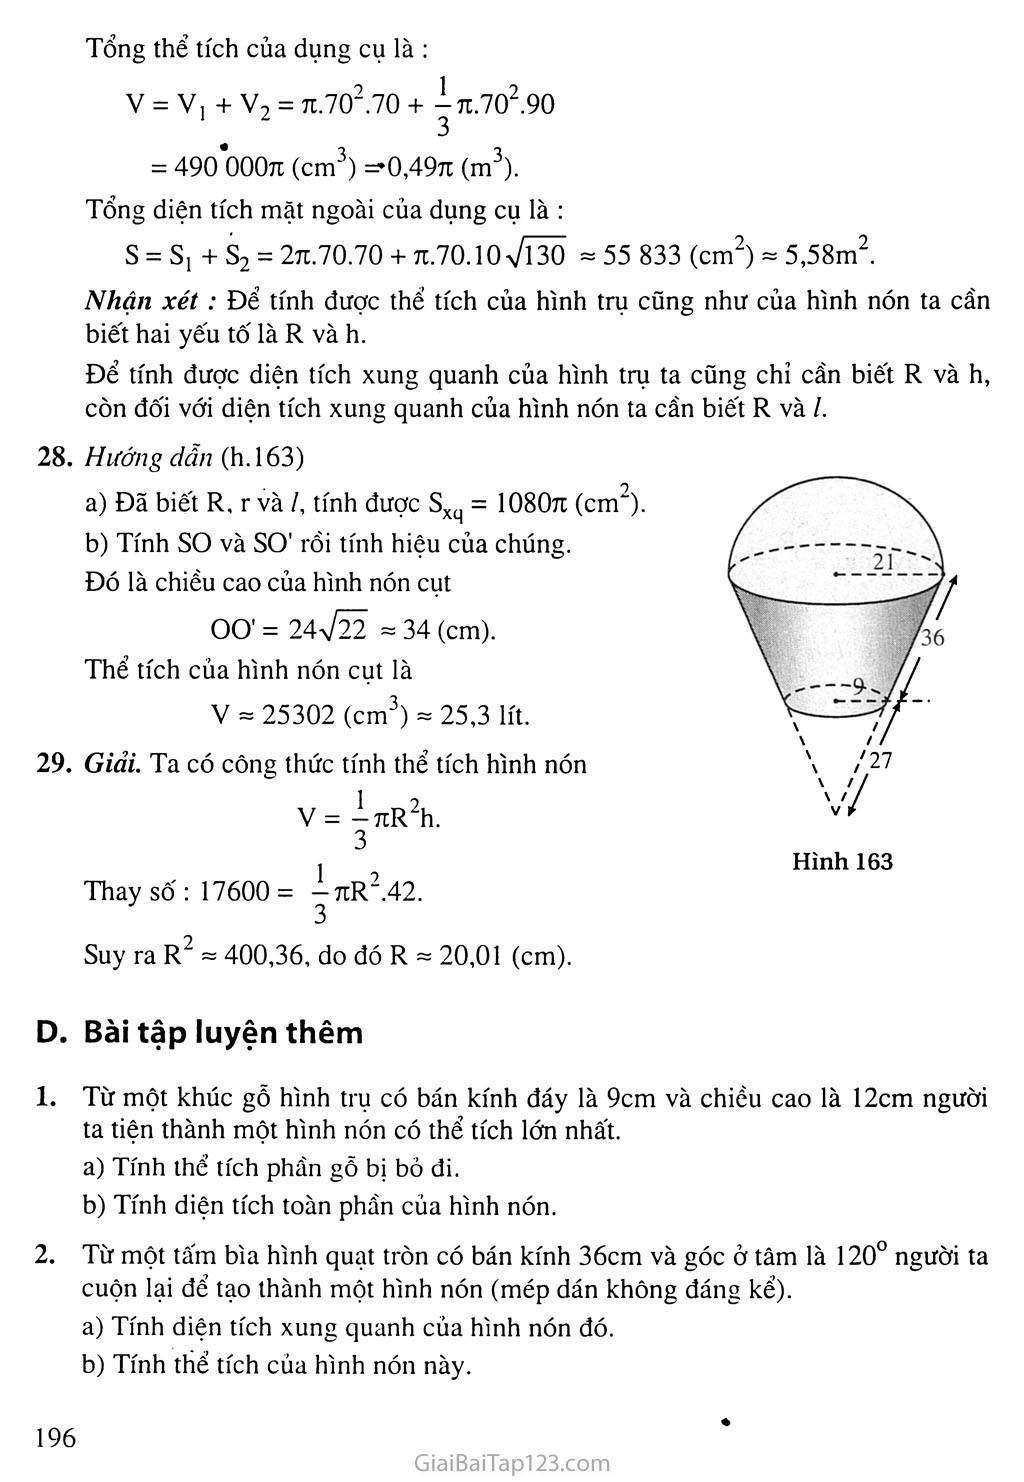 Bài 2. Hình nón - Hình nón cụt - Diện tích xung quanh và thể tích của hình nón, hình nón cụt trang 6